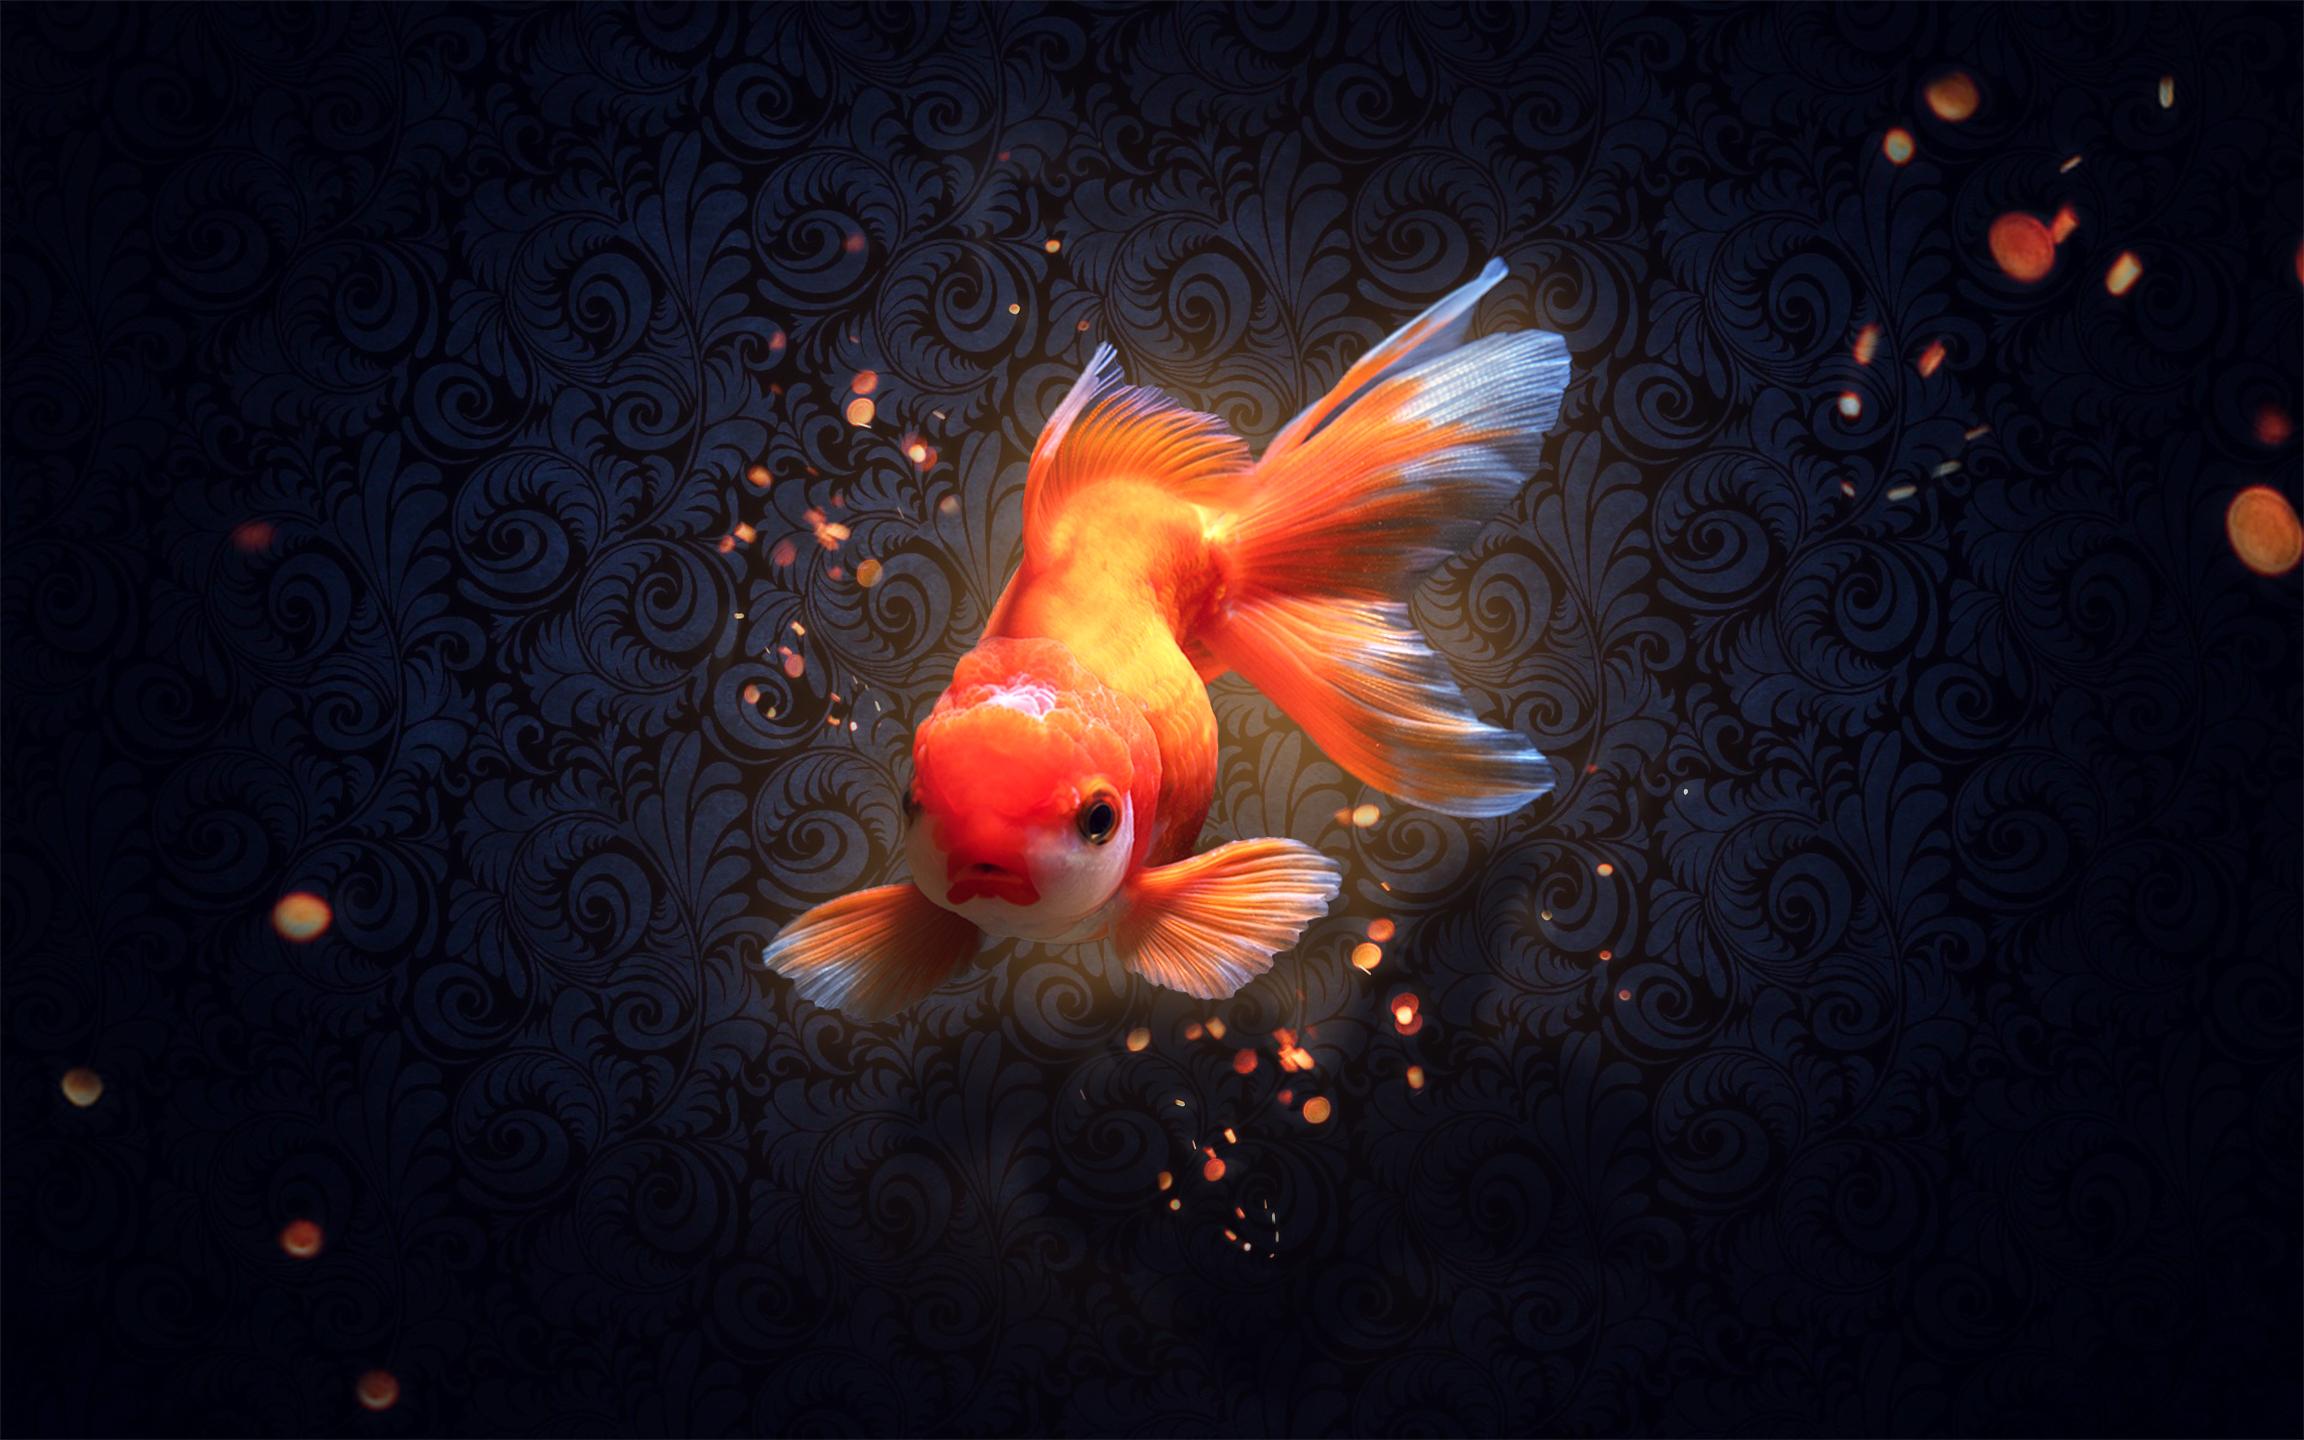 красивые картинки с рыбками золотыми рыбками прежде стеснялась выкладывать